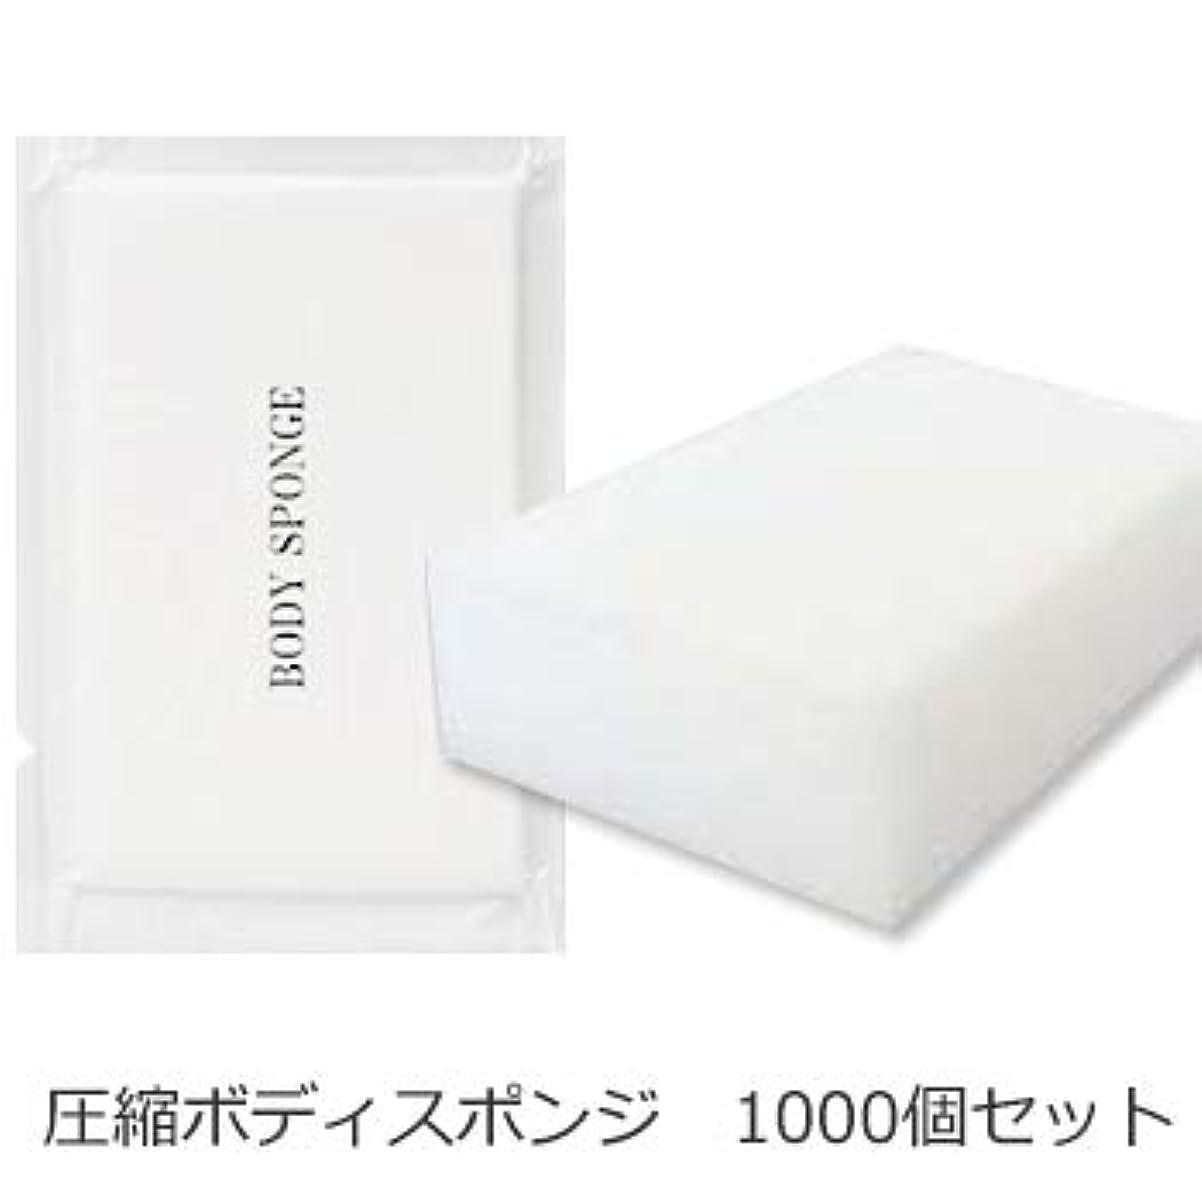 マニュアルピルファー払い戻しボディスポンジ 海綿タイプ 厚み 30mm (1セット1000個入)1個当り11円税別